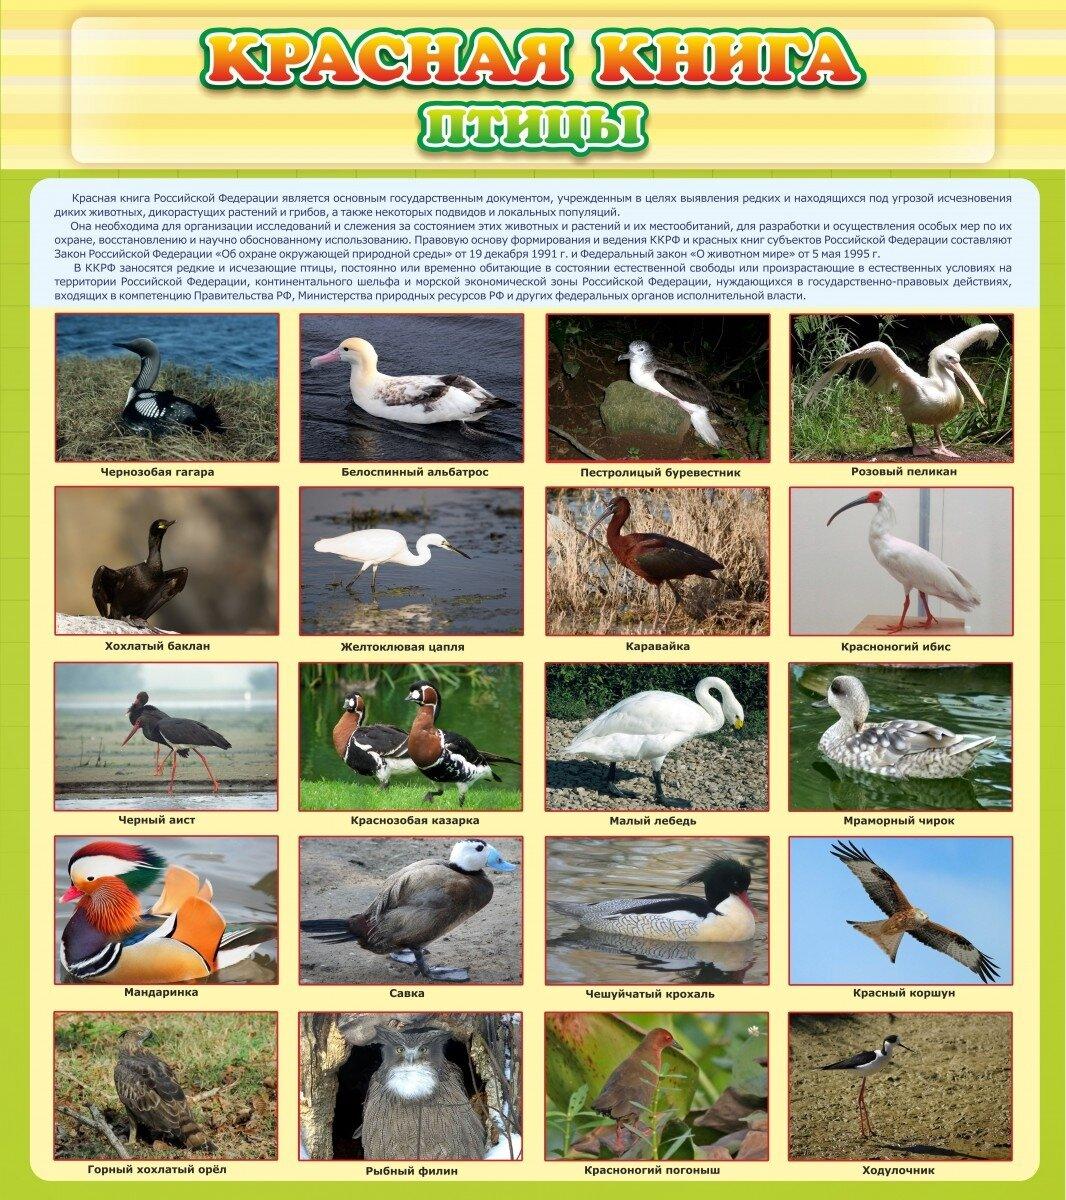 Красная книга птиц россии фото и описание